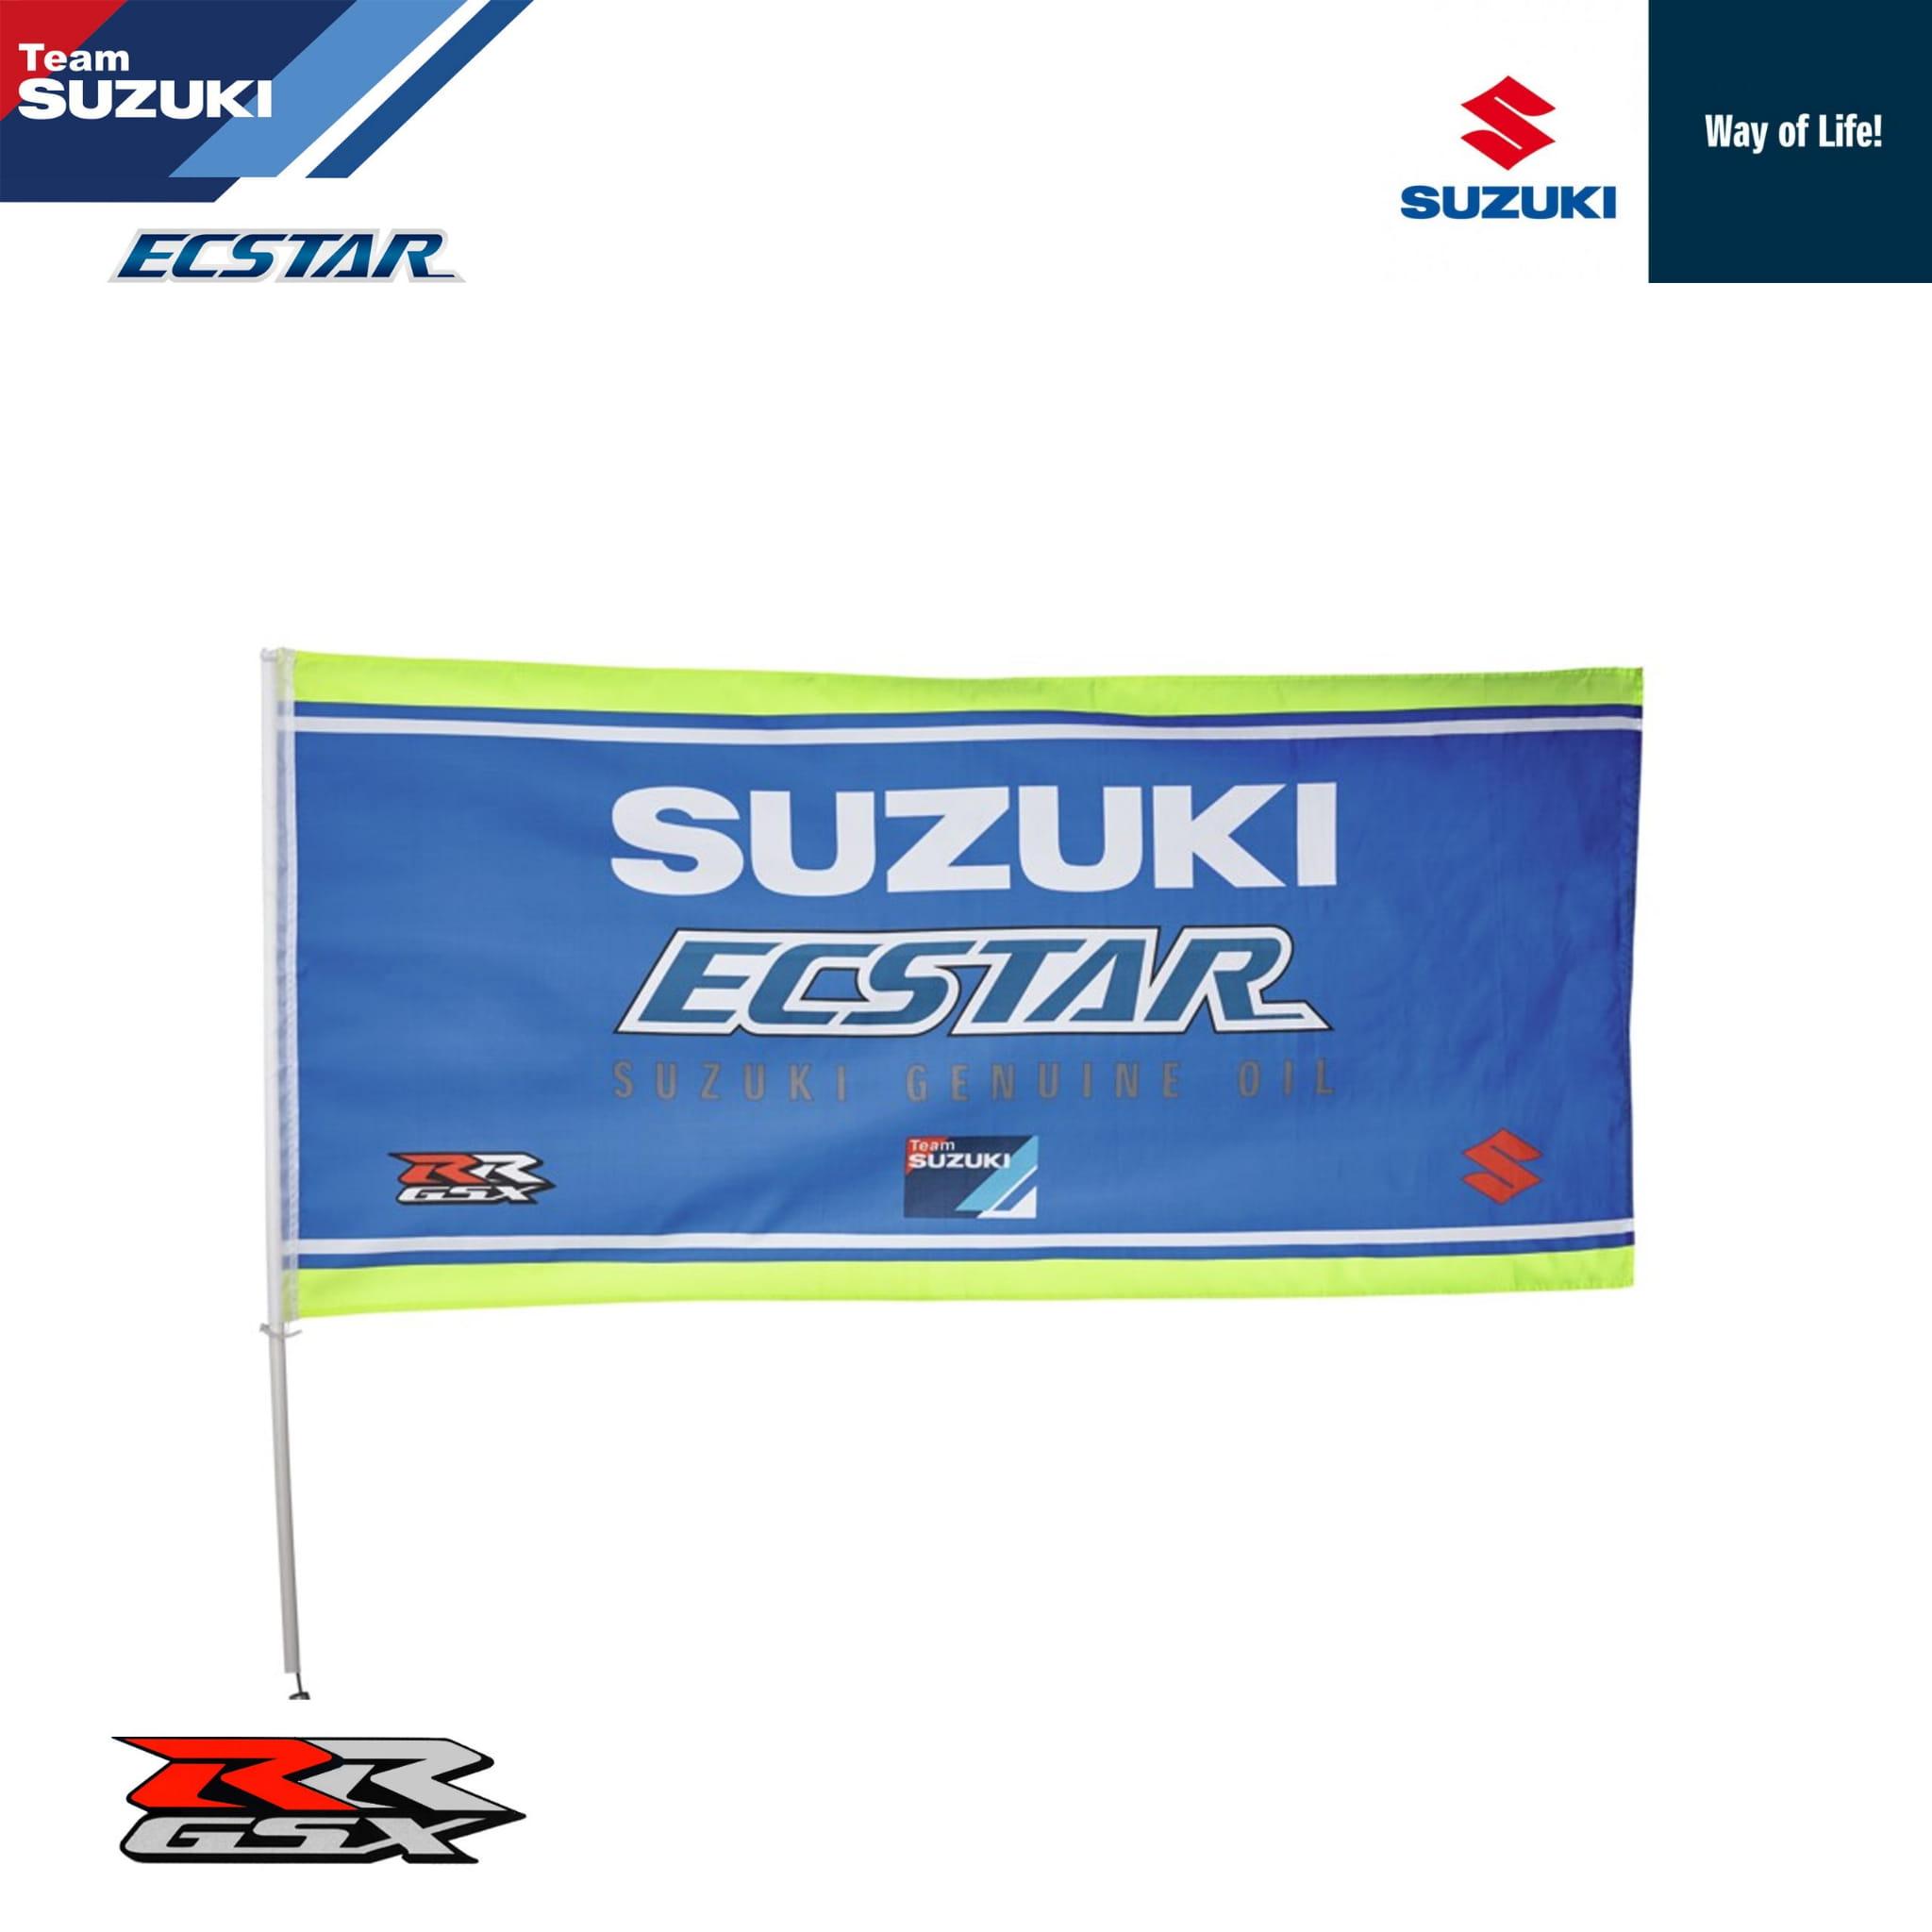 ae4fe82c7eb9f Flaga zespołu Suzuki Ecstar MotoGP części i akcesoria motoryzacyjne ...